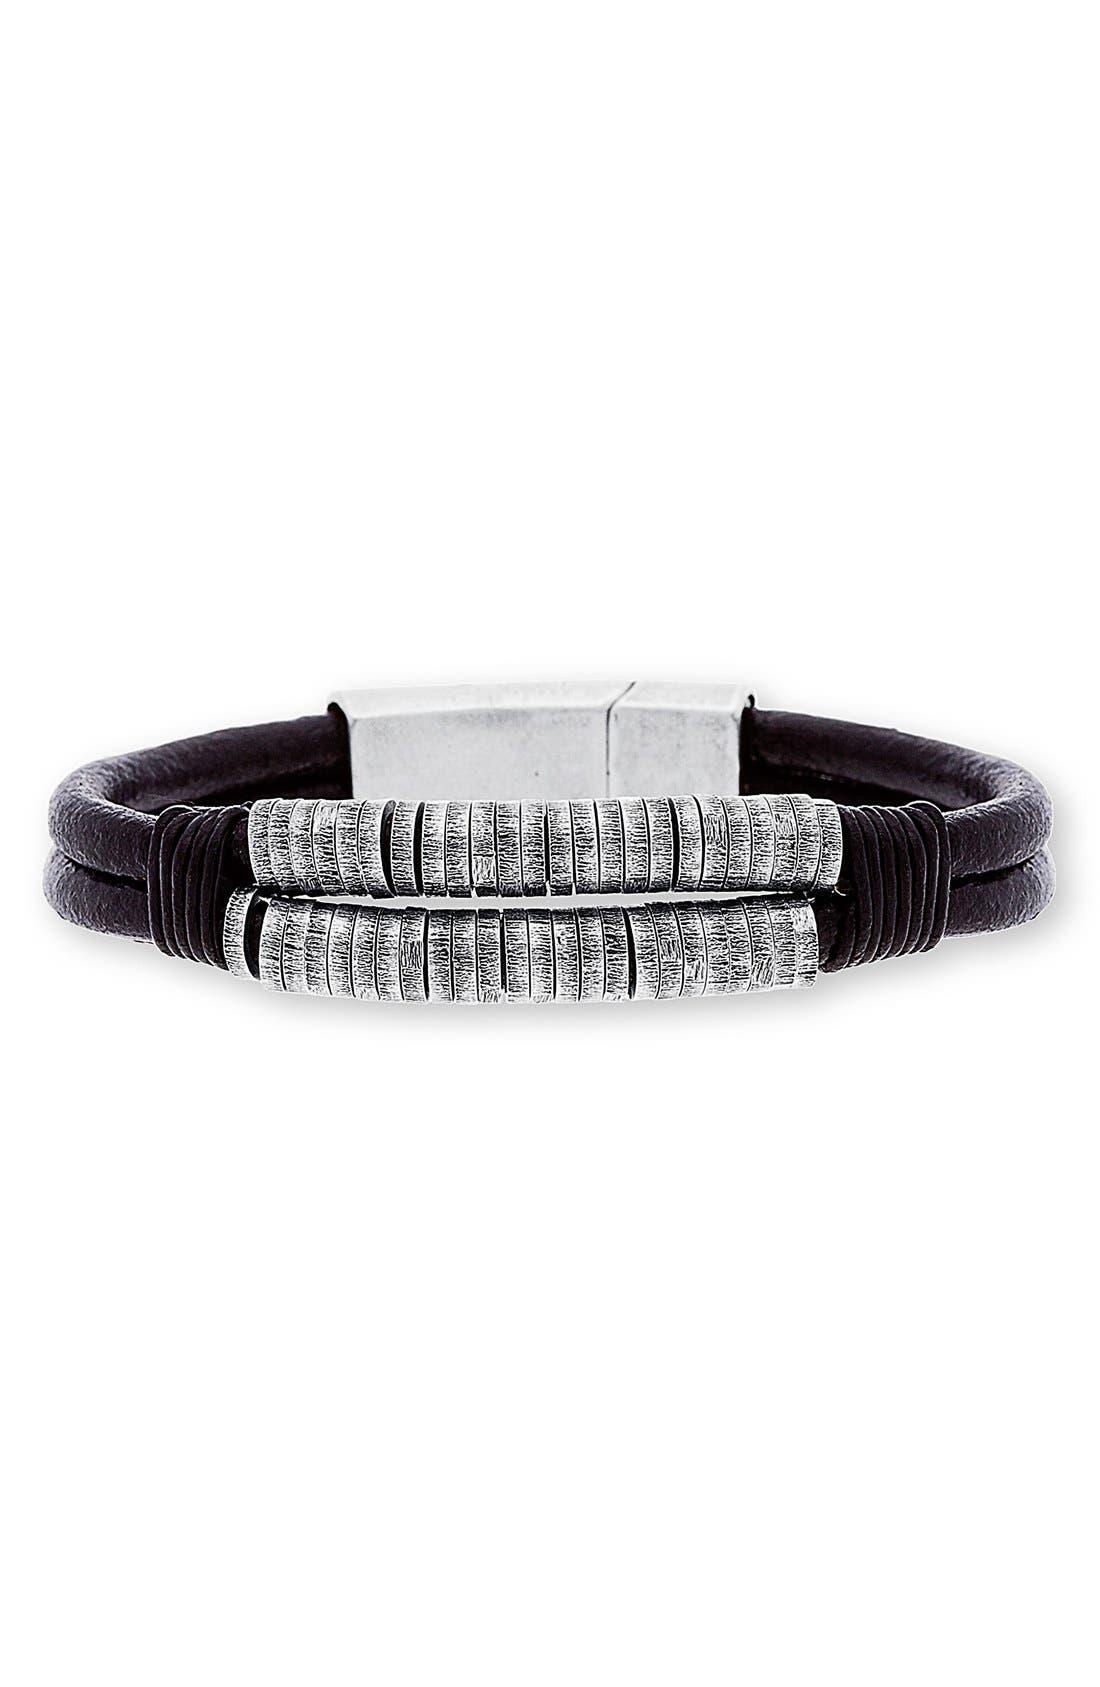 Alternate Image 1 Selected - Steve Madden Stainless Steel Bead Bracelet